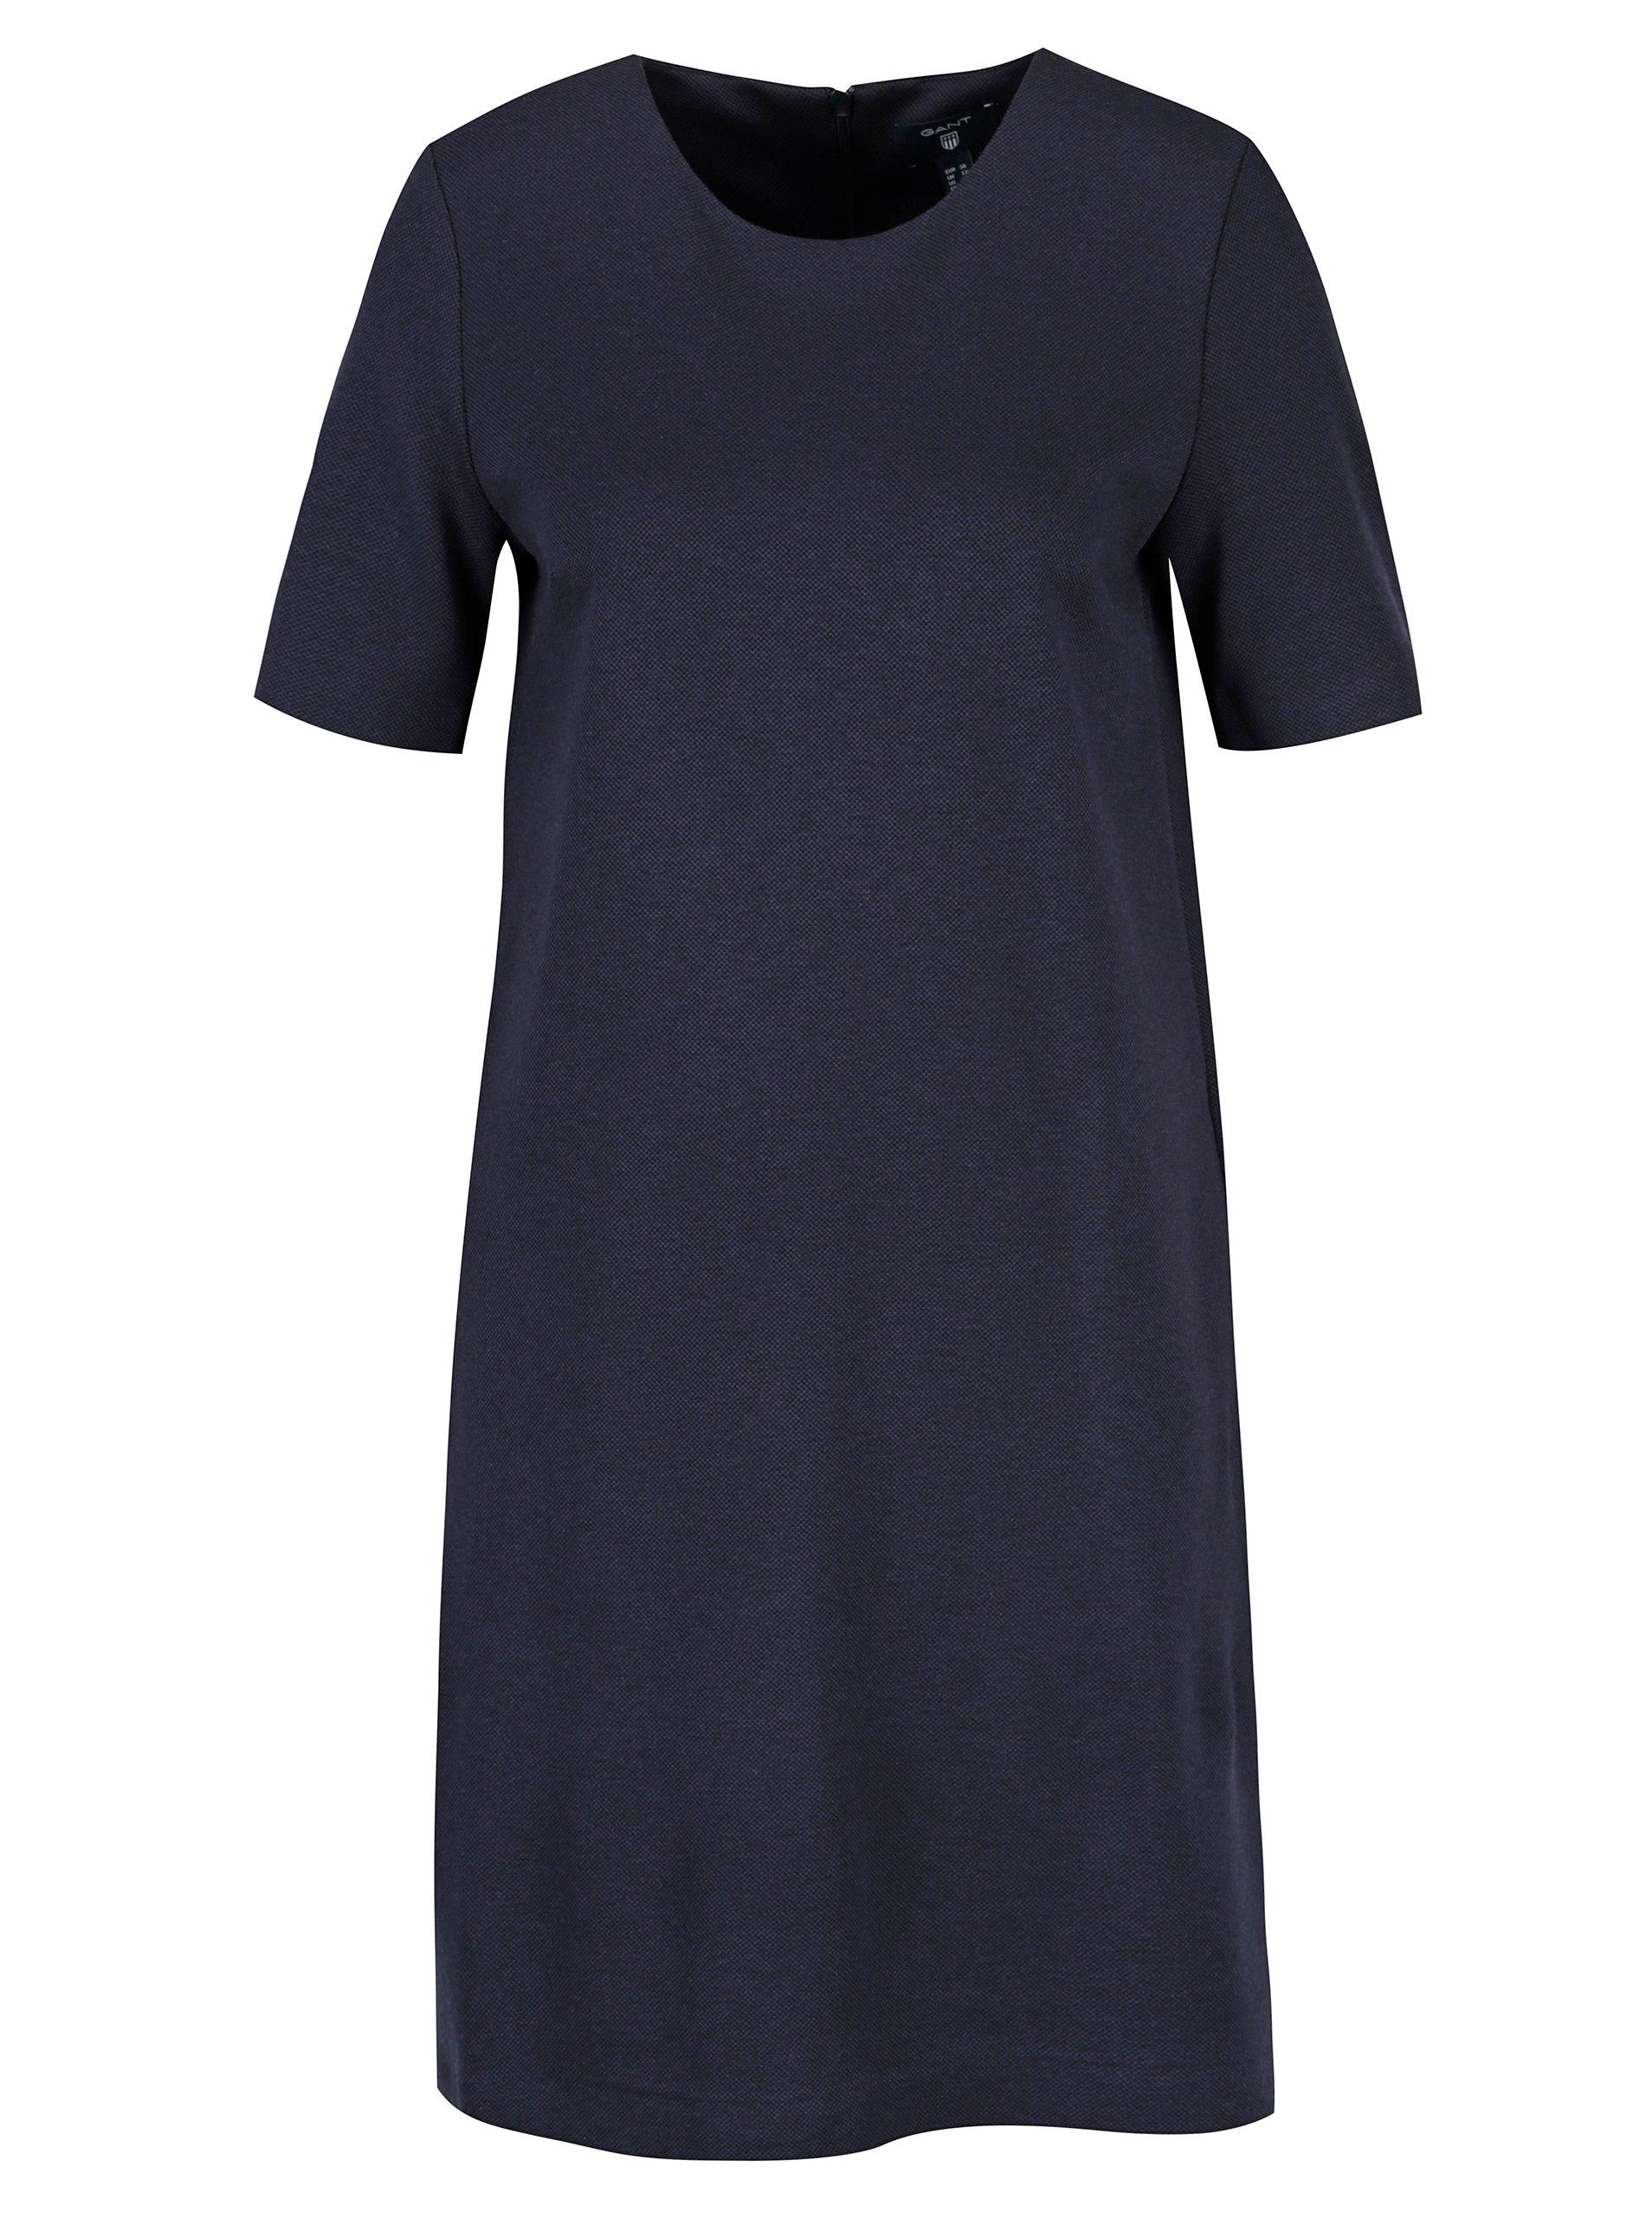 Tmavě modré rovné šaty s krátkým rukávem GANT